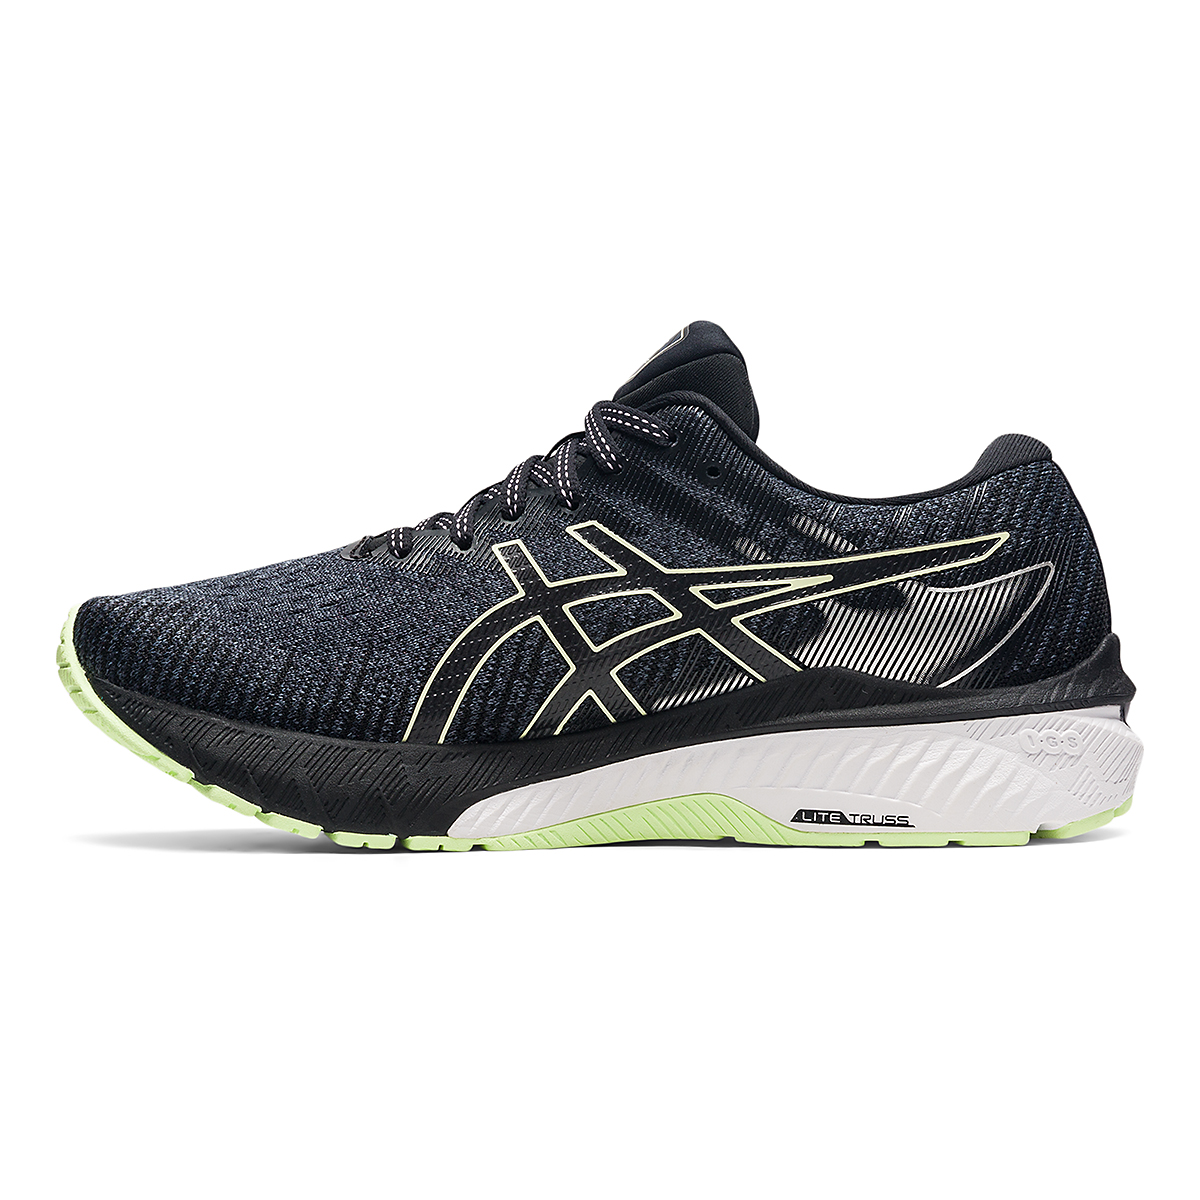 Women's Asics GT-2000 10 Running Shoe, , large, image 2